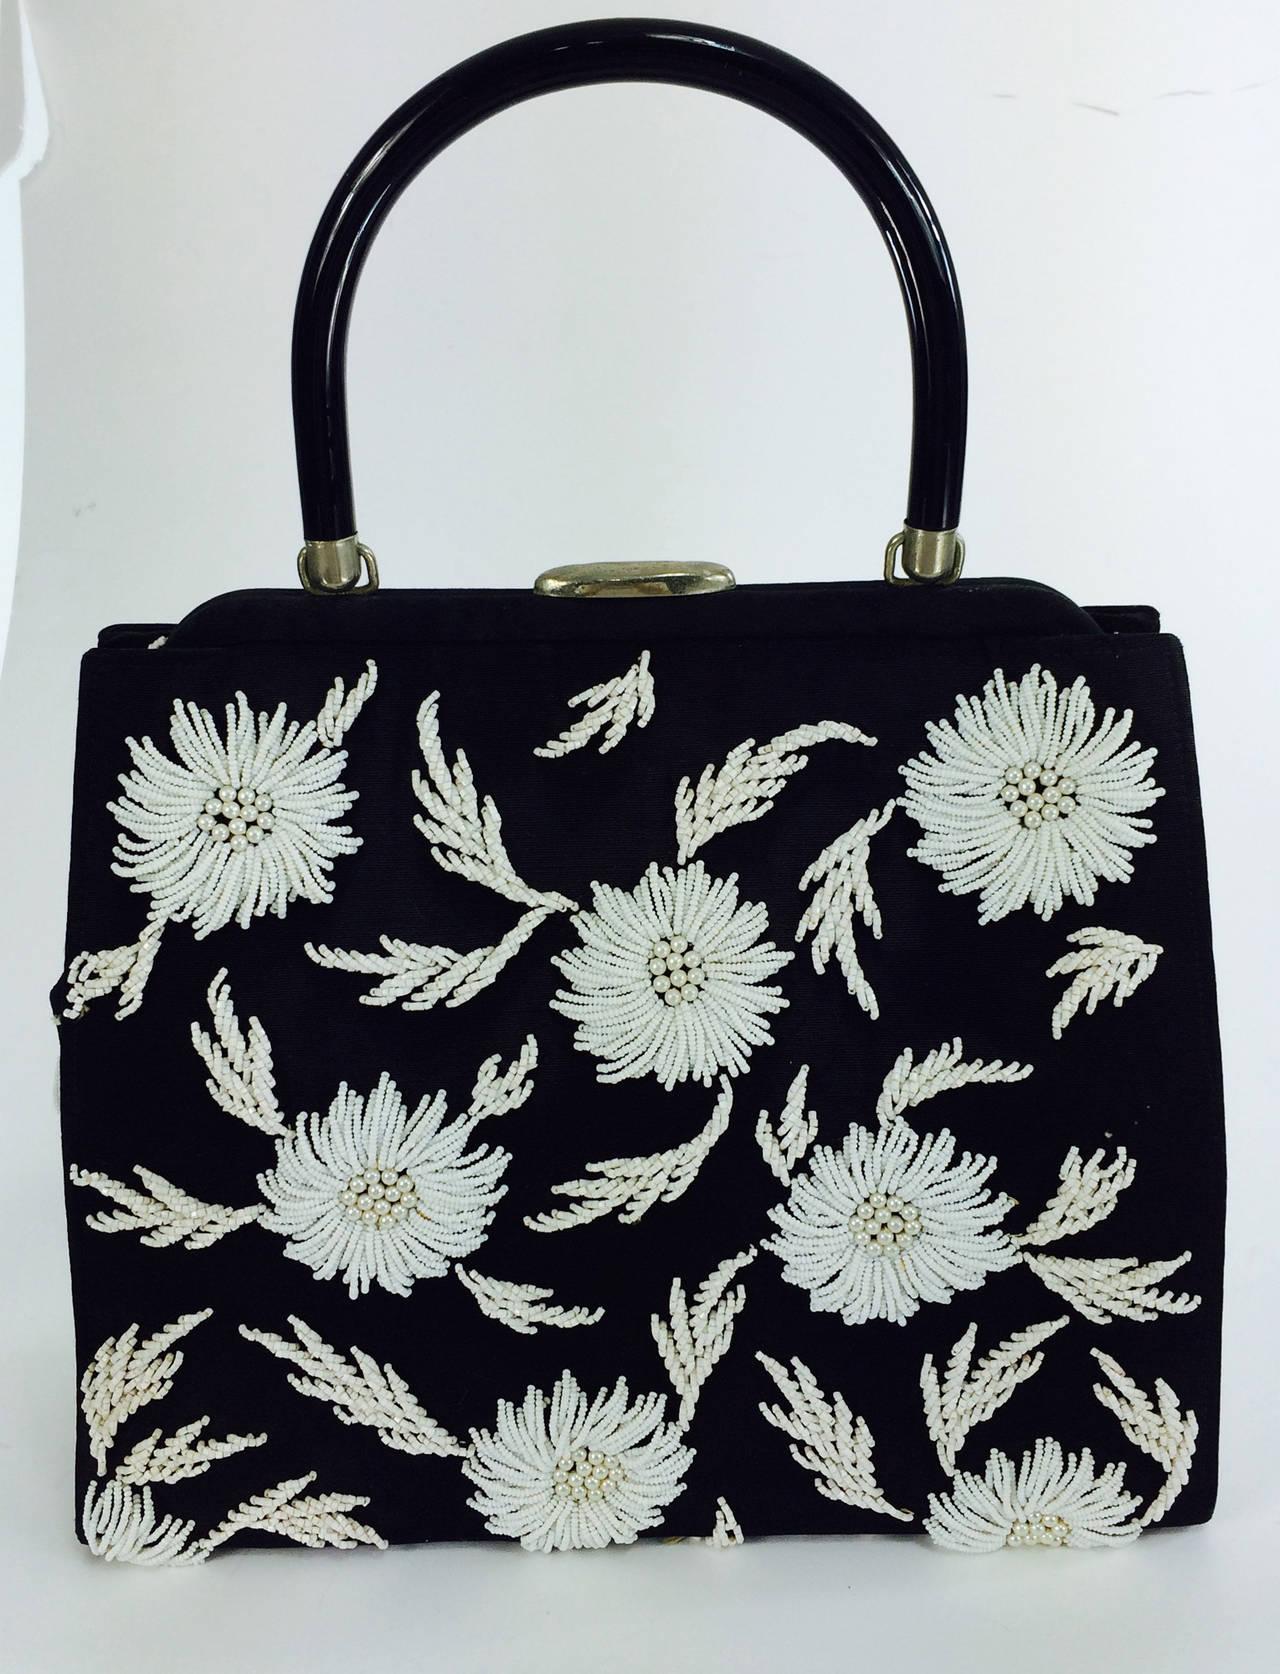 1950s black faille & white floral beaded handbag Elise Tu Hong Kong 2